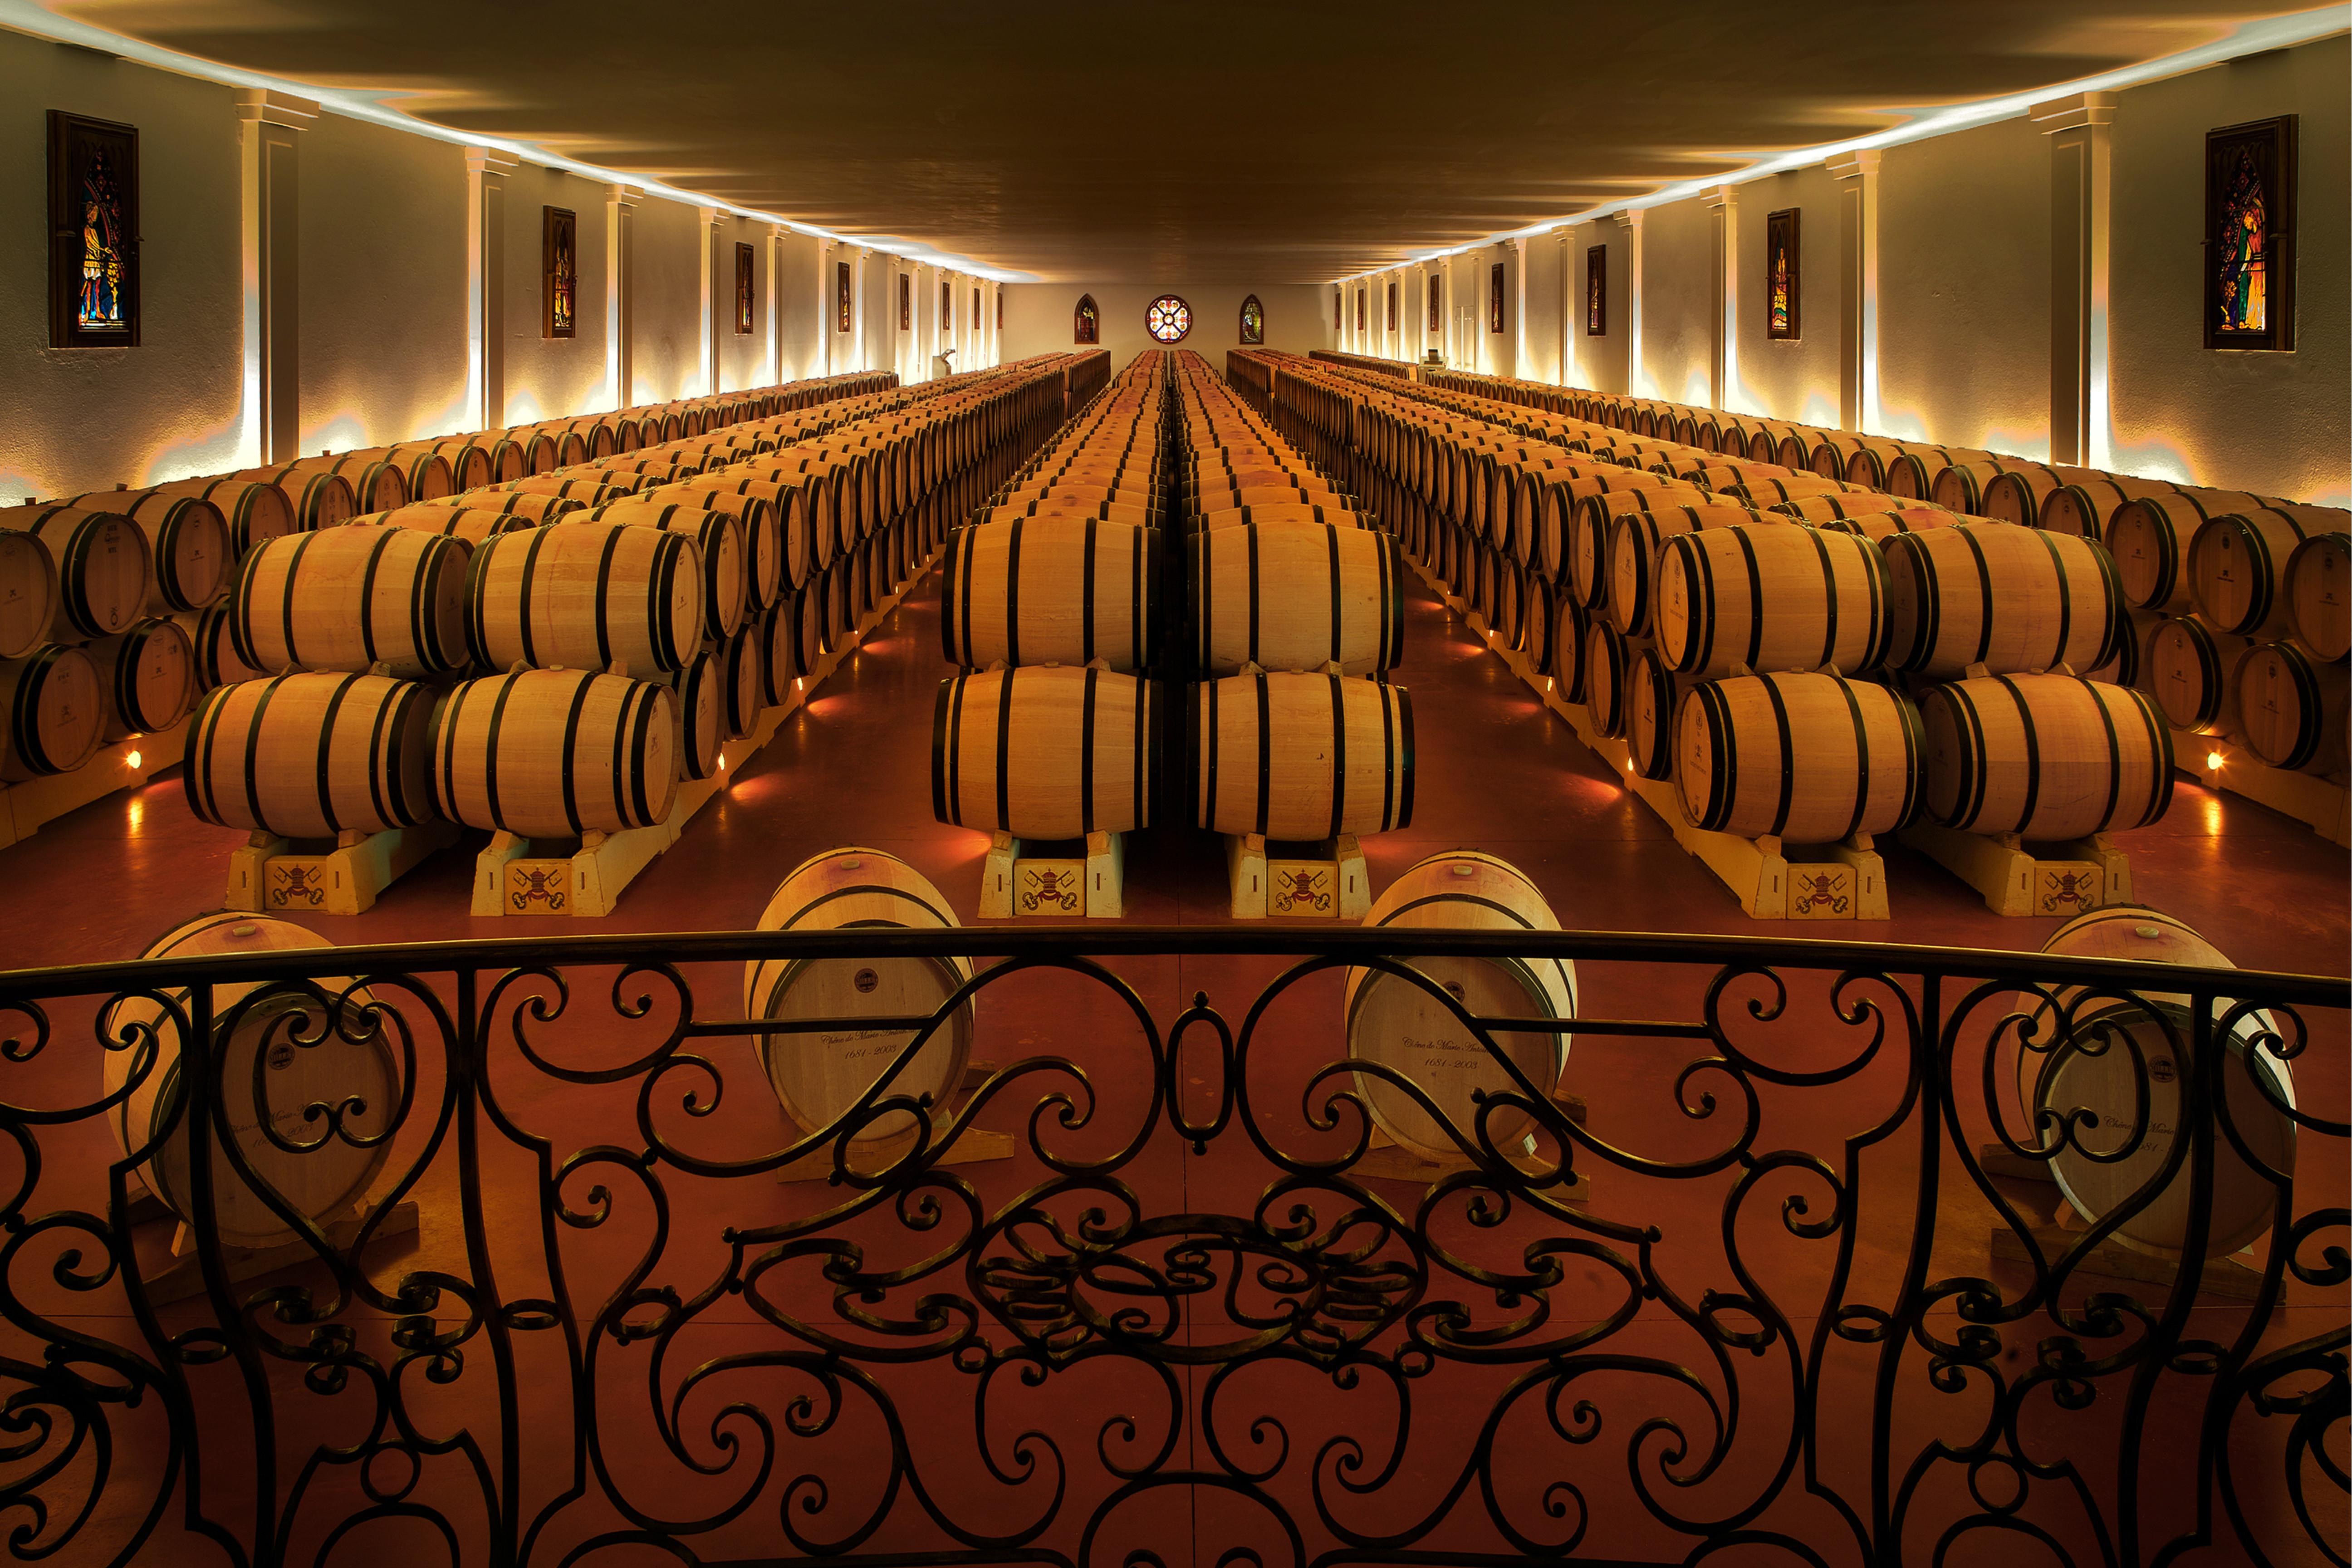 Château Pape Clément : B-Winemaker